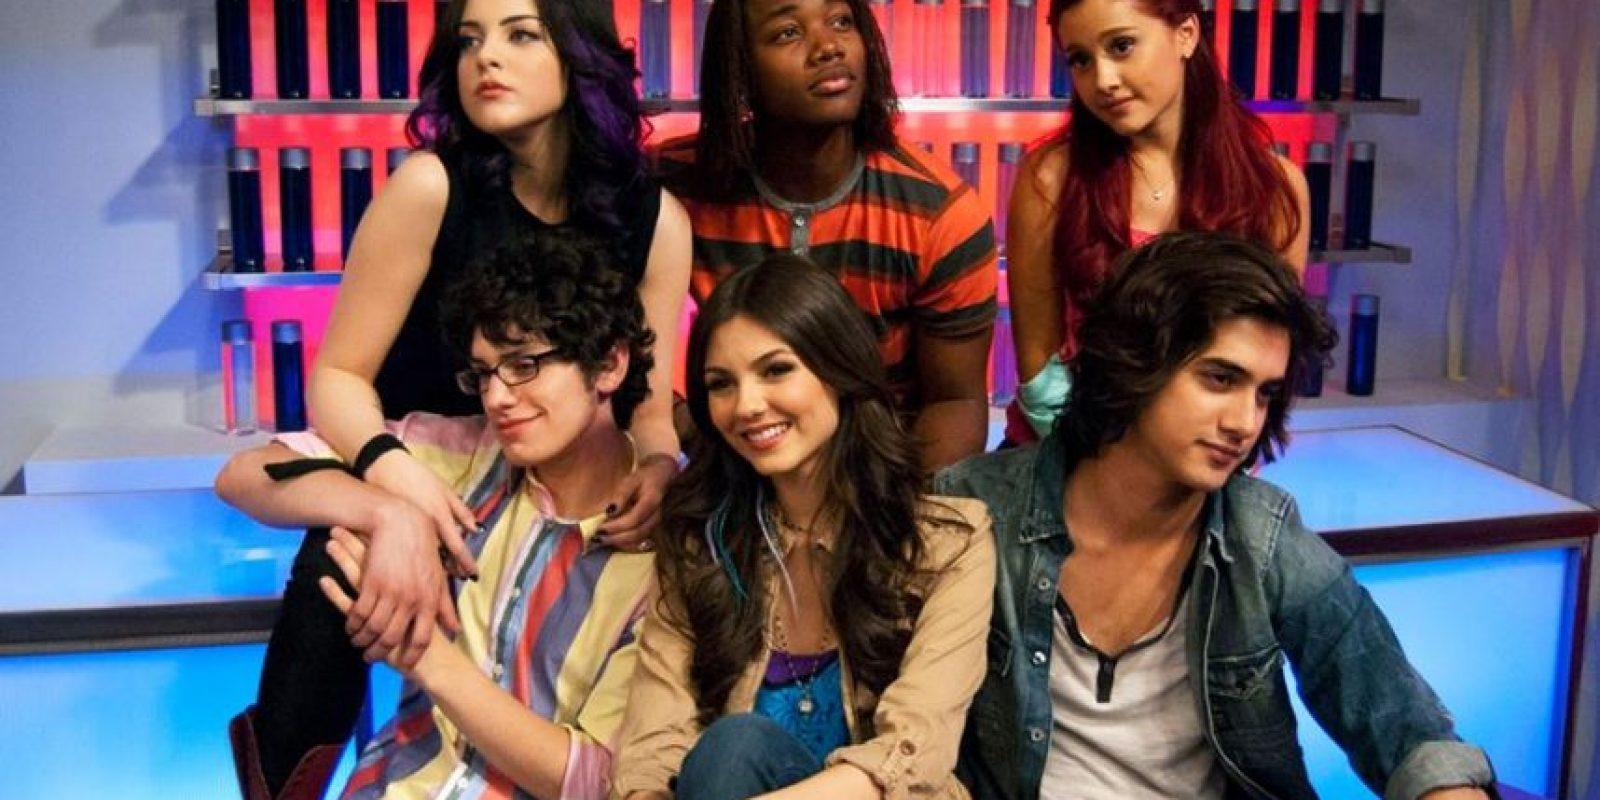 """En 2010, Victoria Justice consiguió su primer papel protagónico en la serie """"Victorous"""" Foto:vía facebook.com/victorious"""